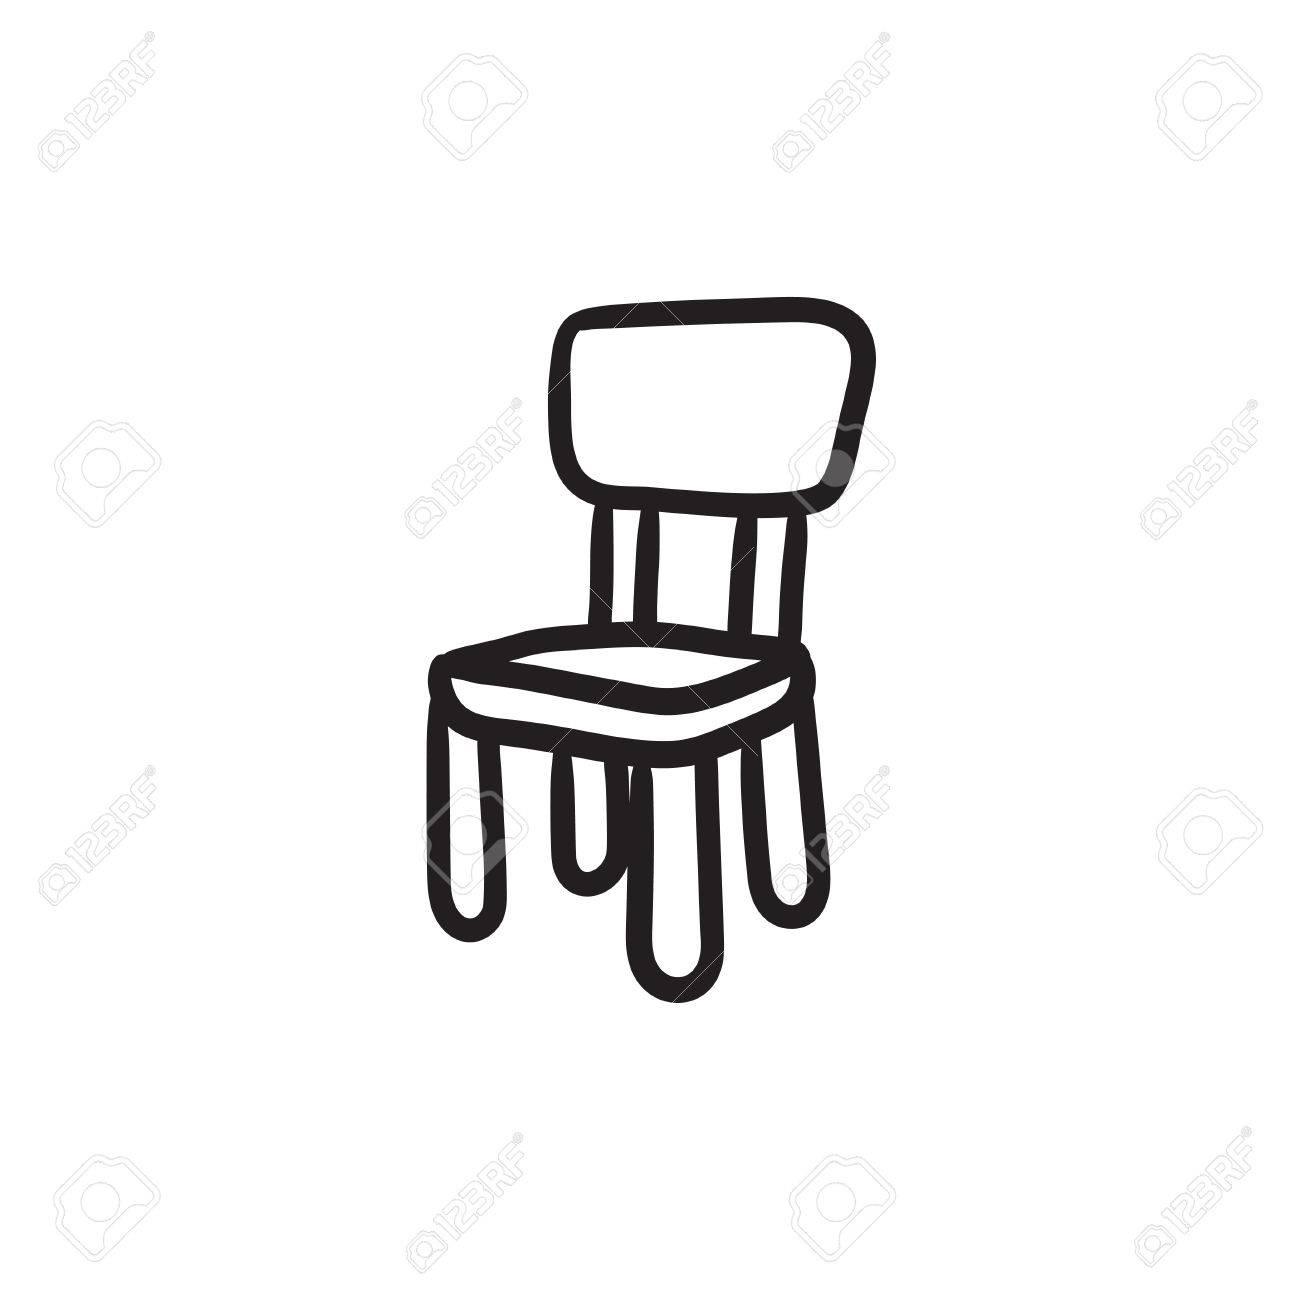 Stuhl Fur Kinder Vektor Skizze Symbol Auf Hintergrund Isoliert Hand